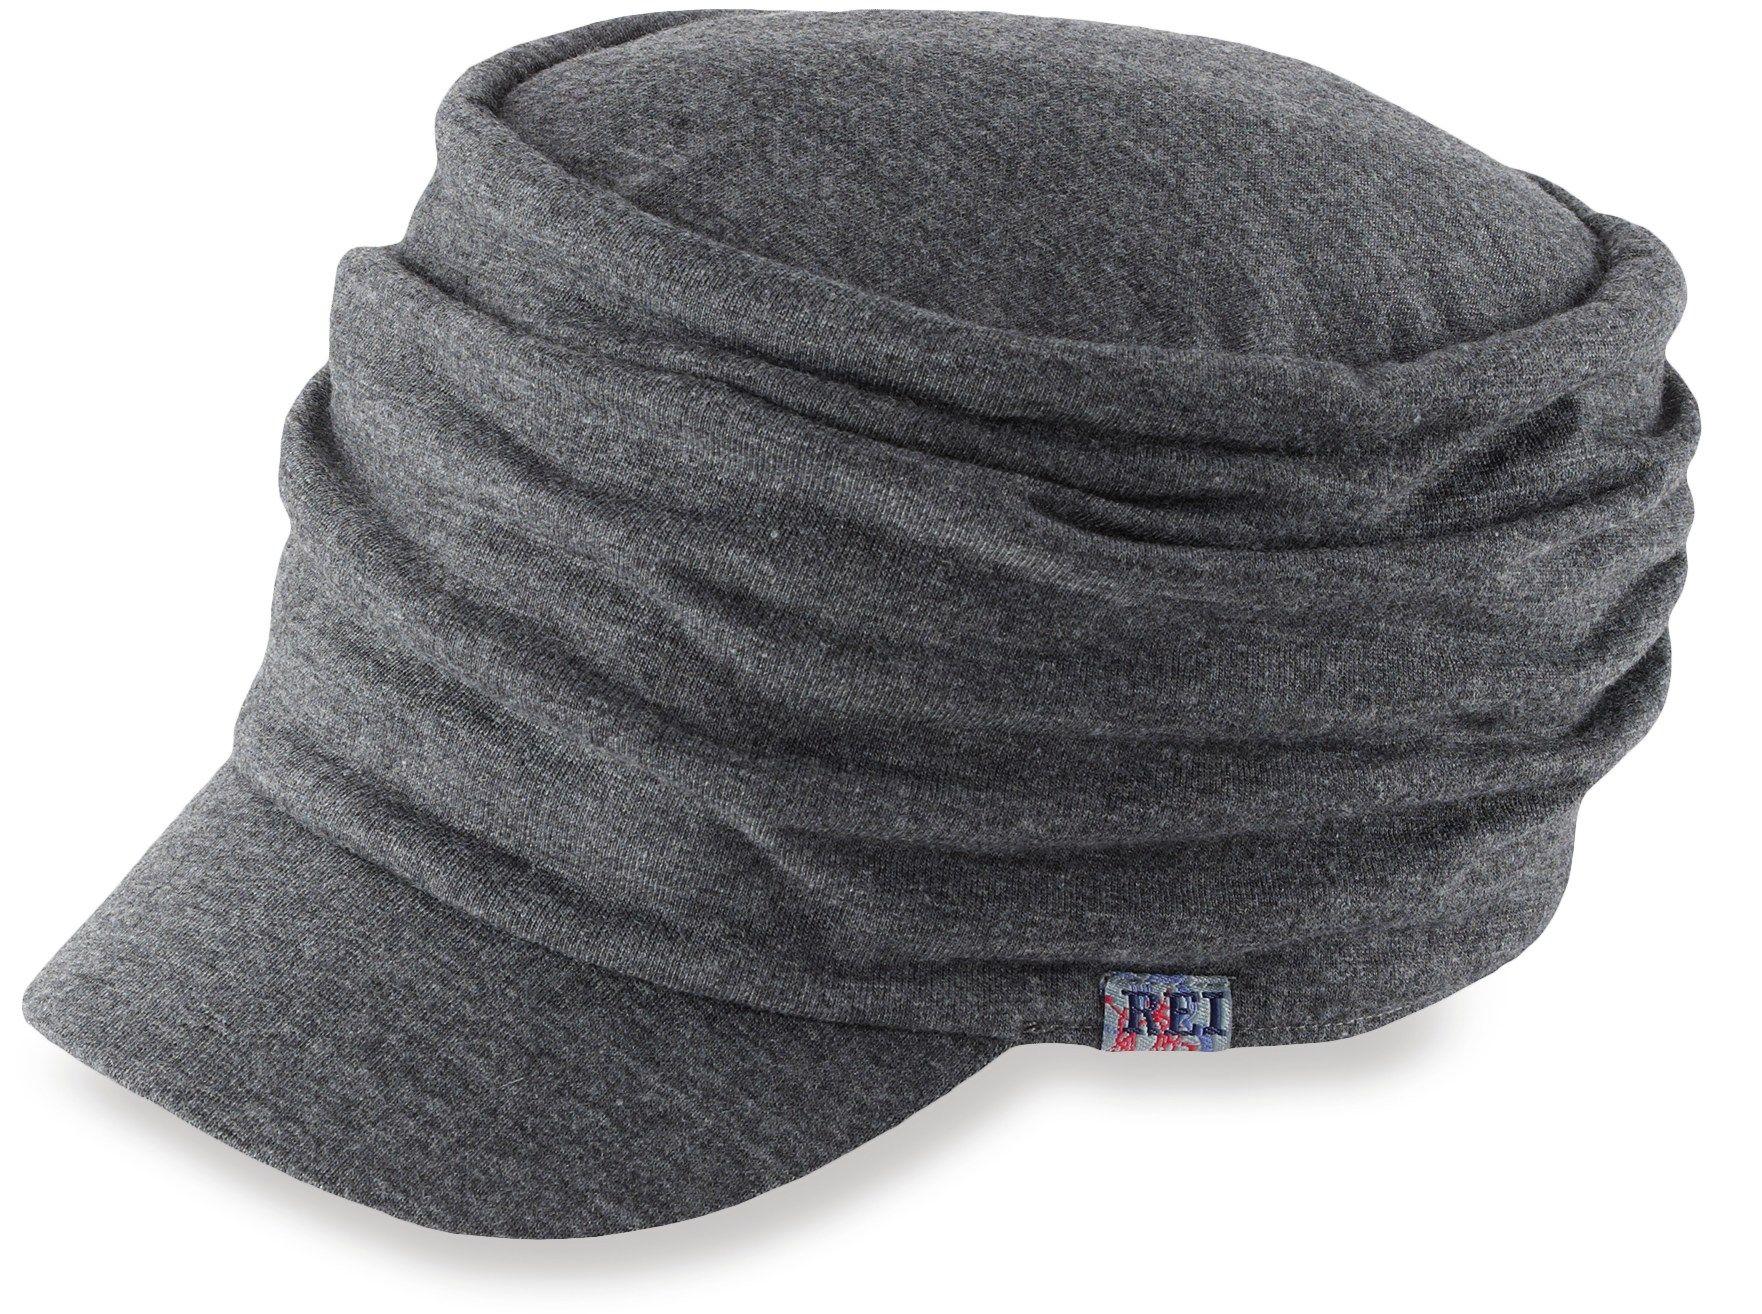 6099a9bdd REI Jersey Cadet Hat - Womens at REI.com | *Hats *Hats *Hats ...